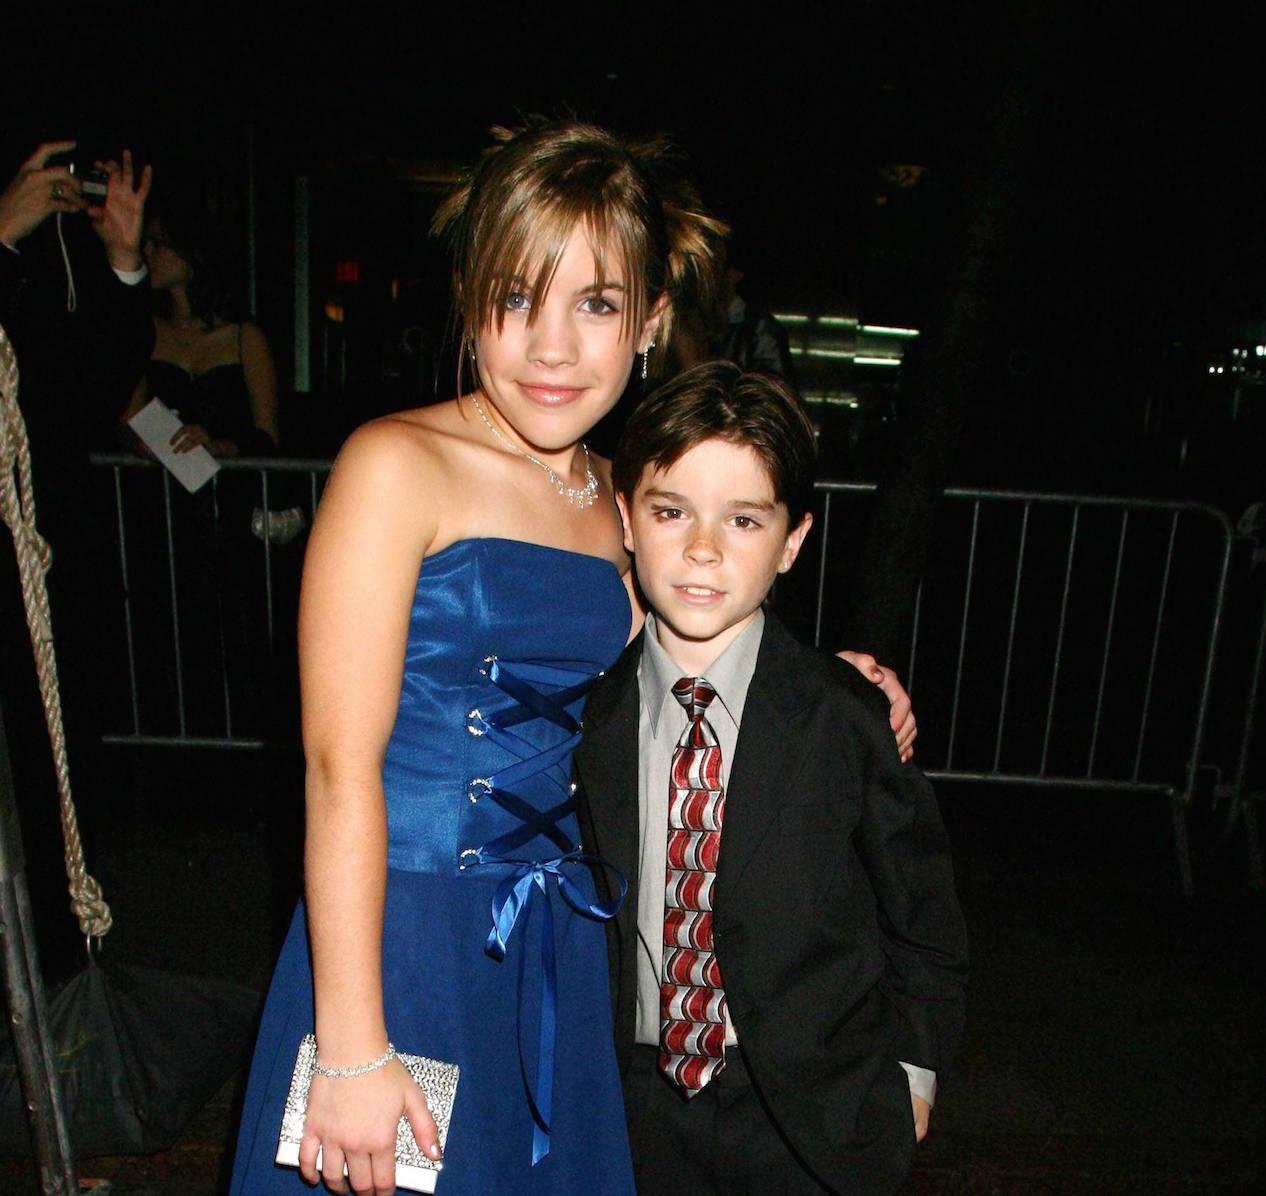 OLTL Kristen & Eddie Alderson in 2004 - JPI